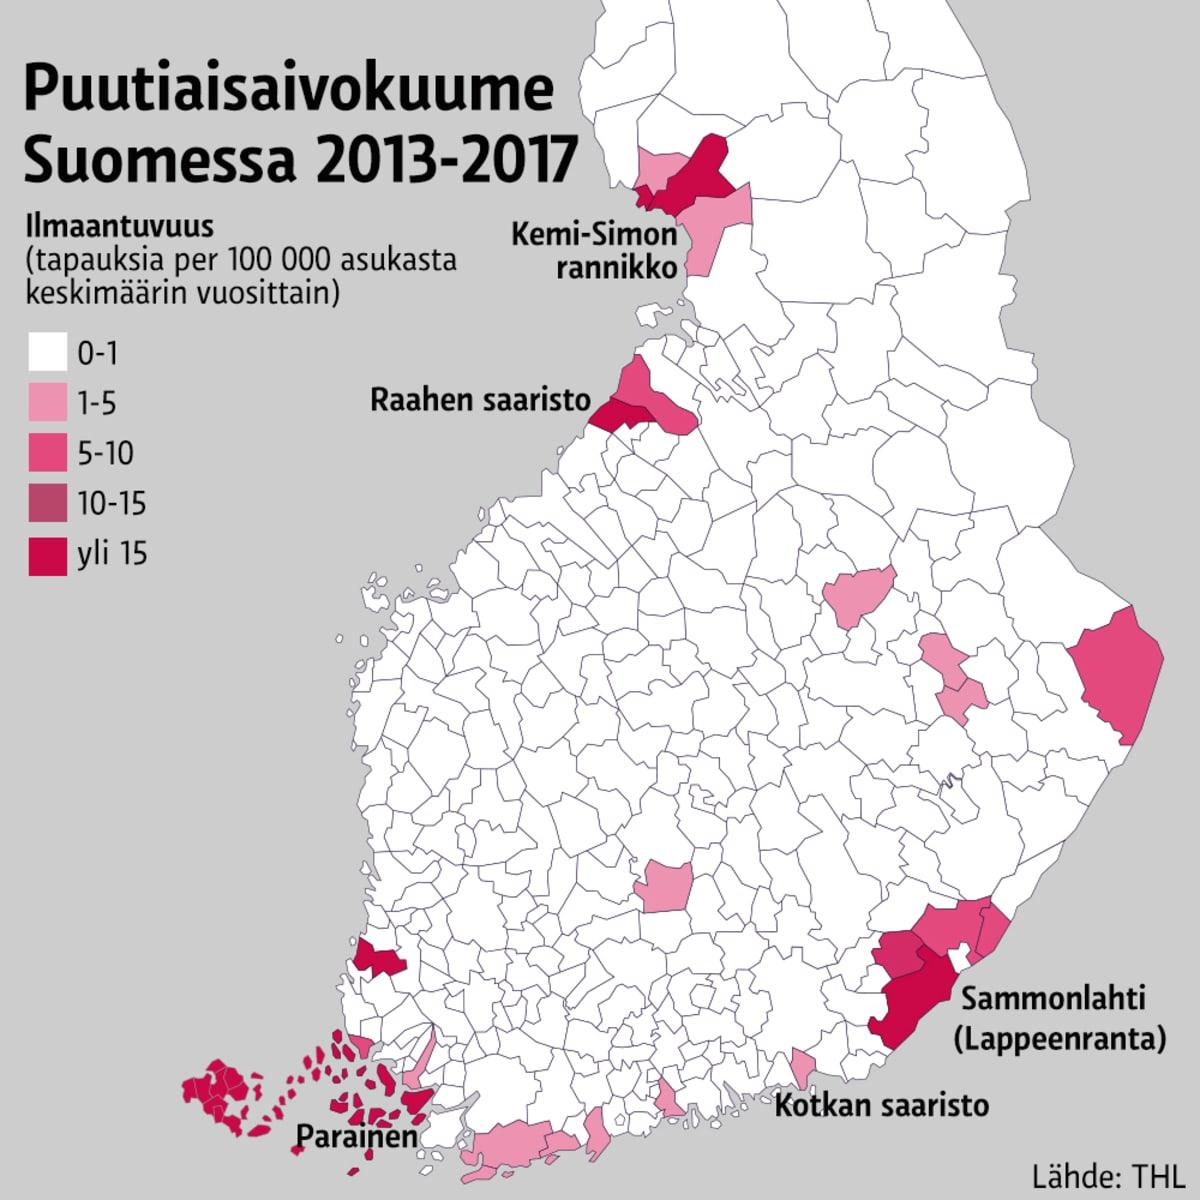 Puutiaisaivokuume Suomessa 2013-2017 -grafiikka.